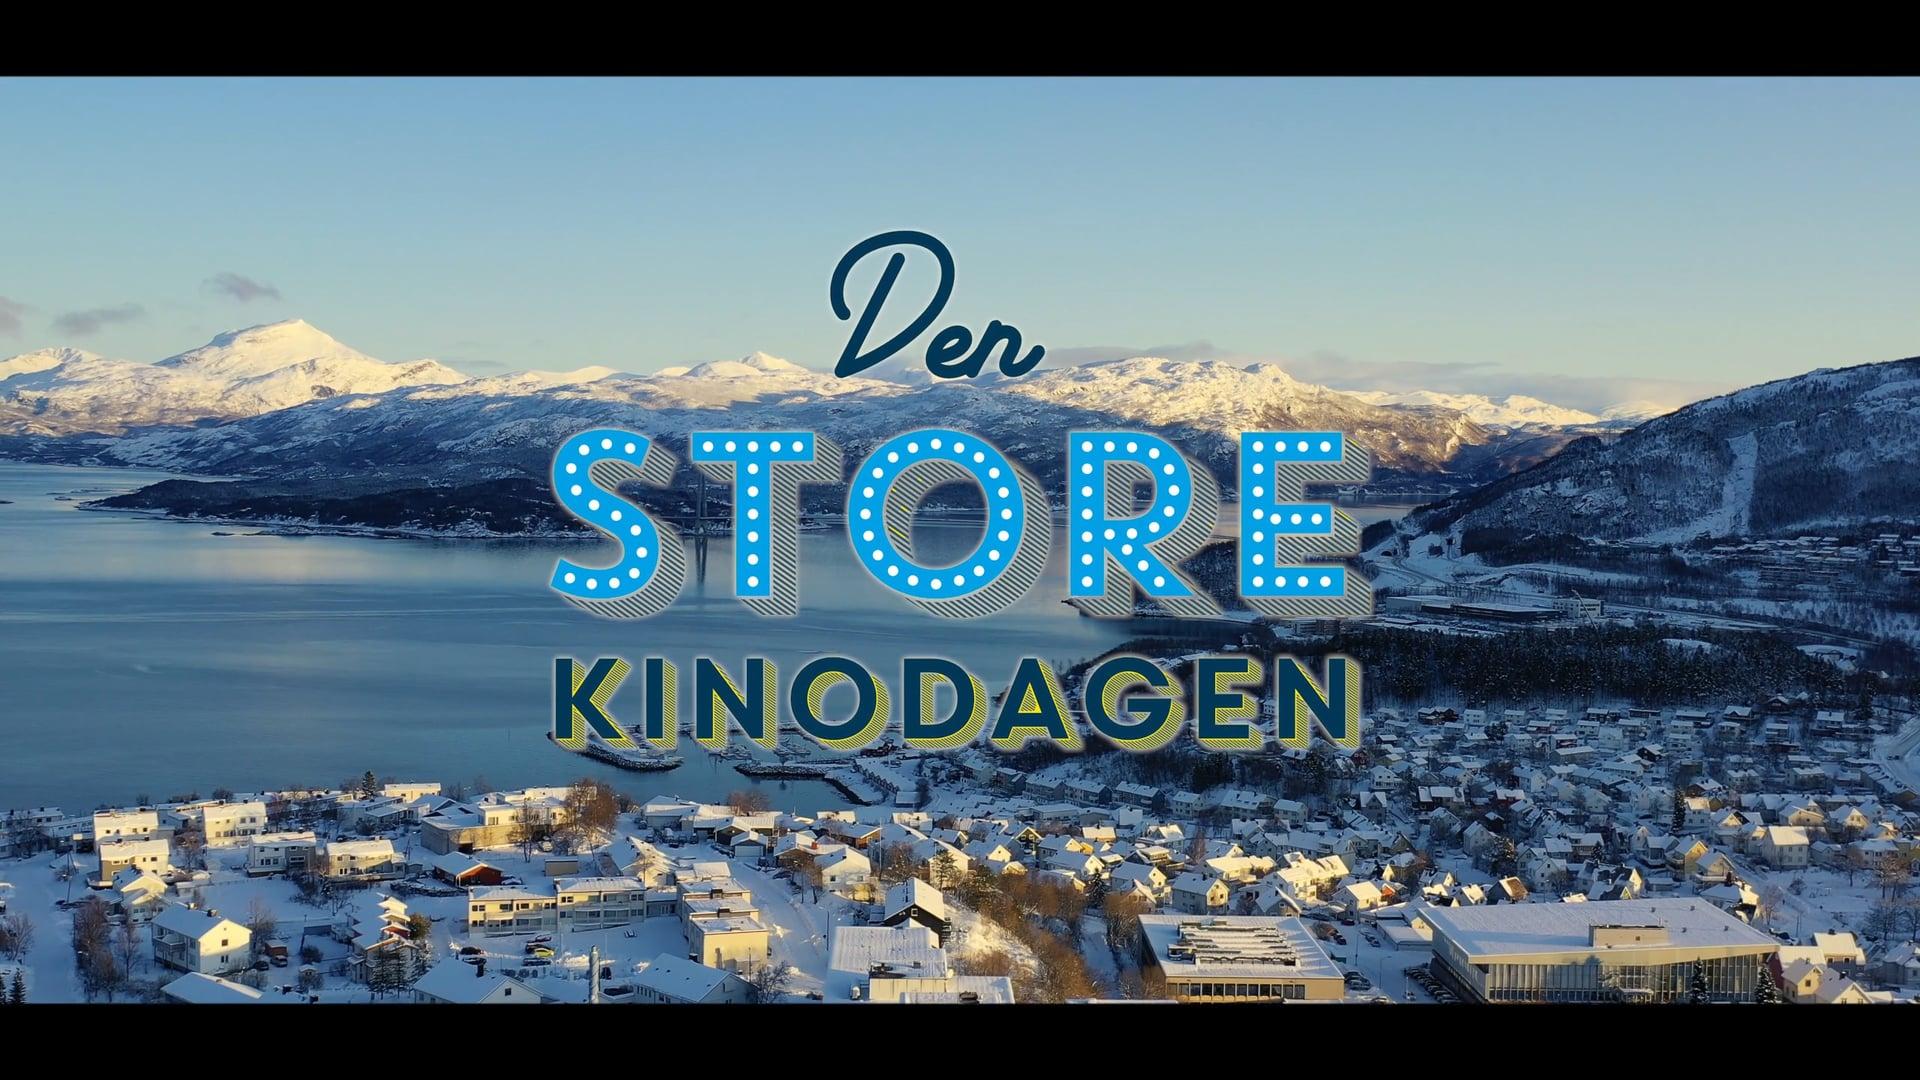 Aurora Kino Narvik - Den store kino dagen 2019